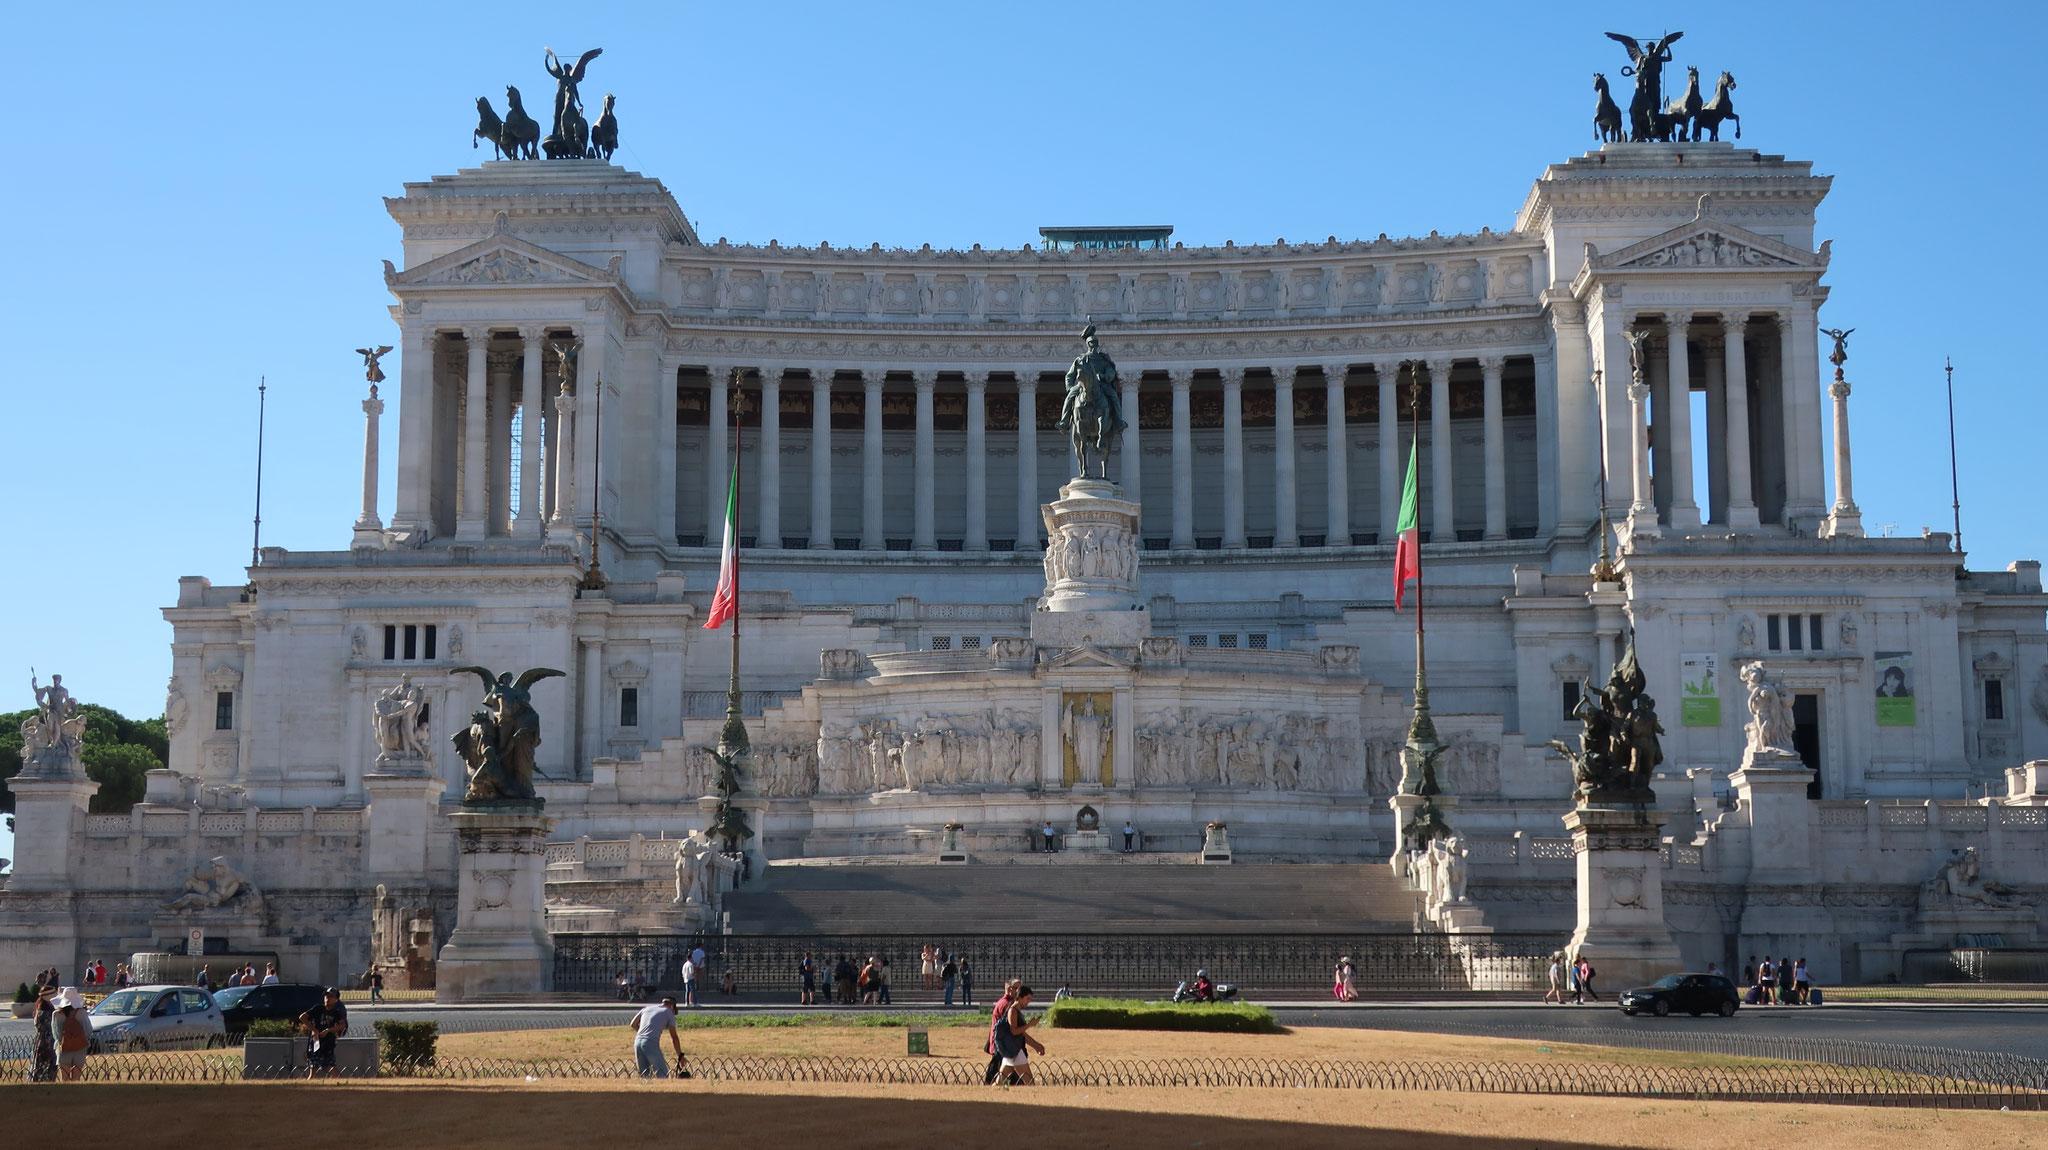 ヴェネツィア広場とヴィットリオ・エマヌエーレ2世記念堂